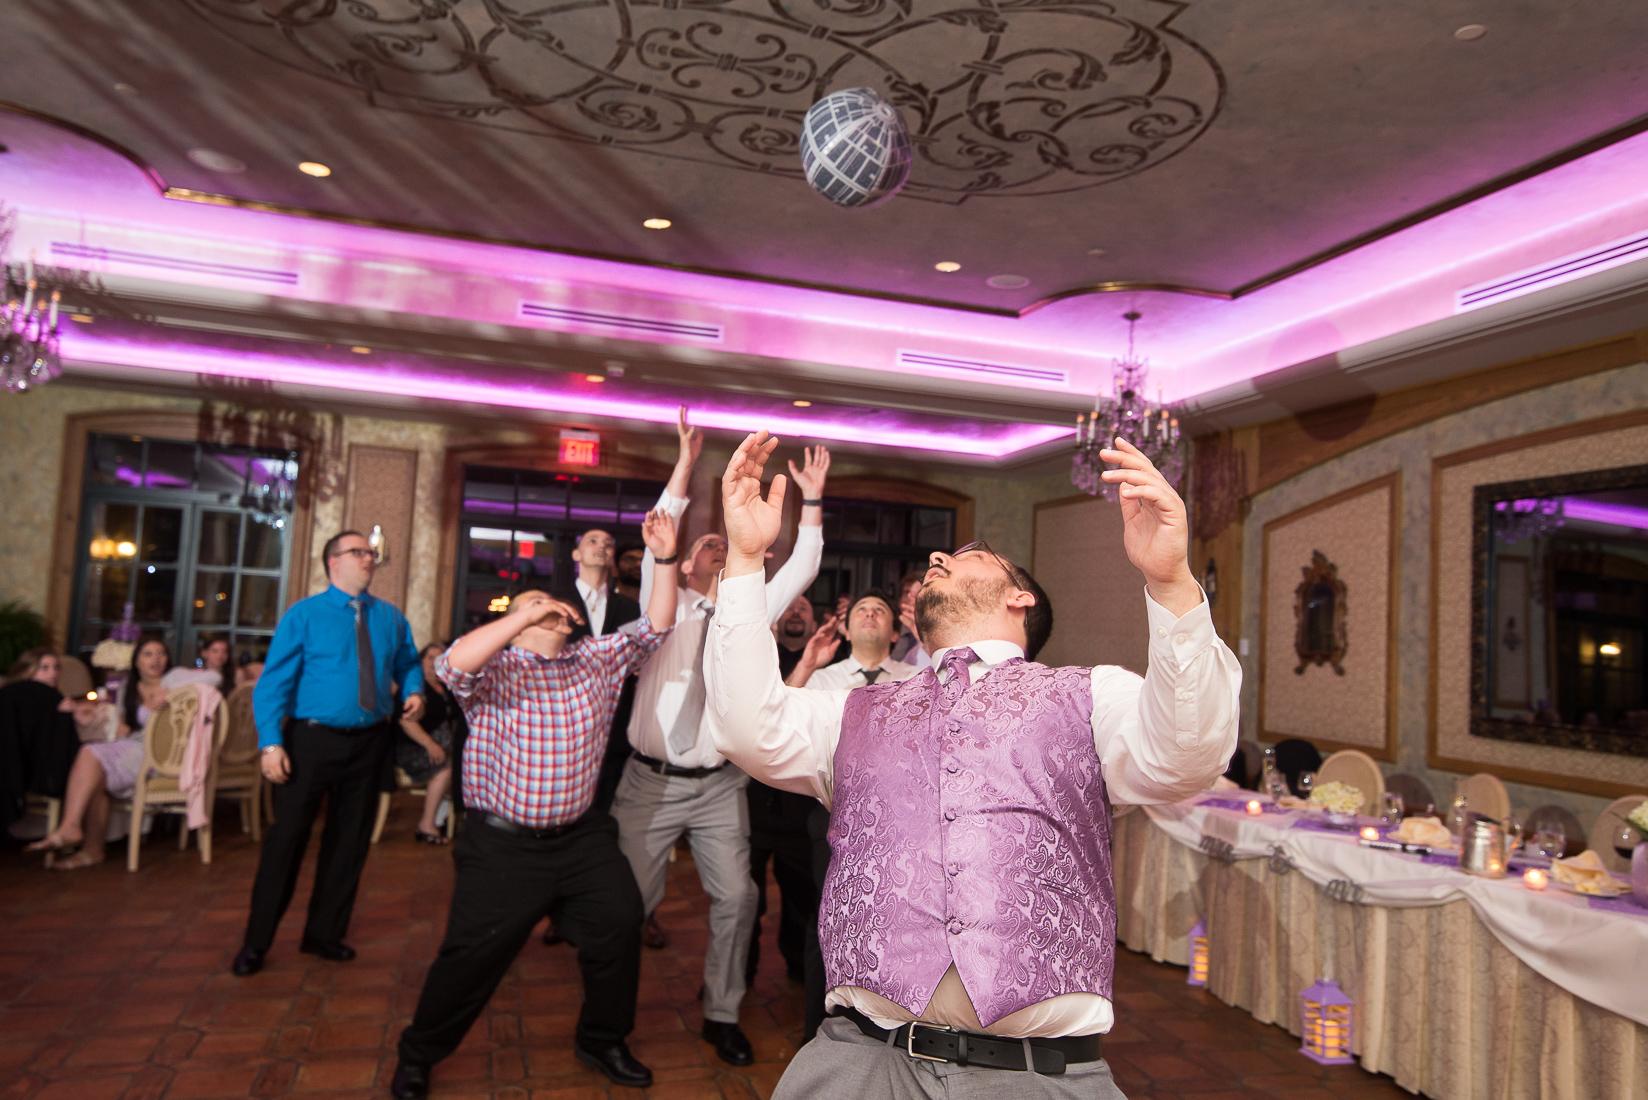 Manor-SouthOrange-NJ-wedding-0050.jpg